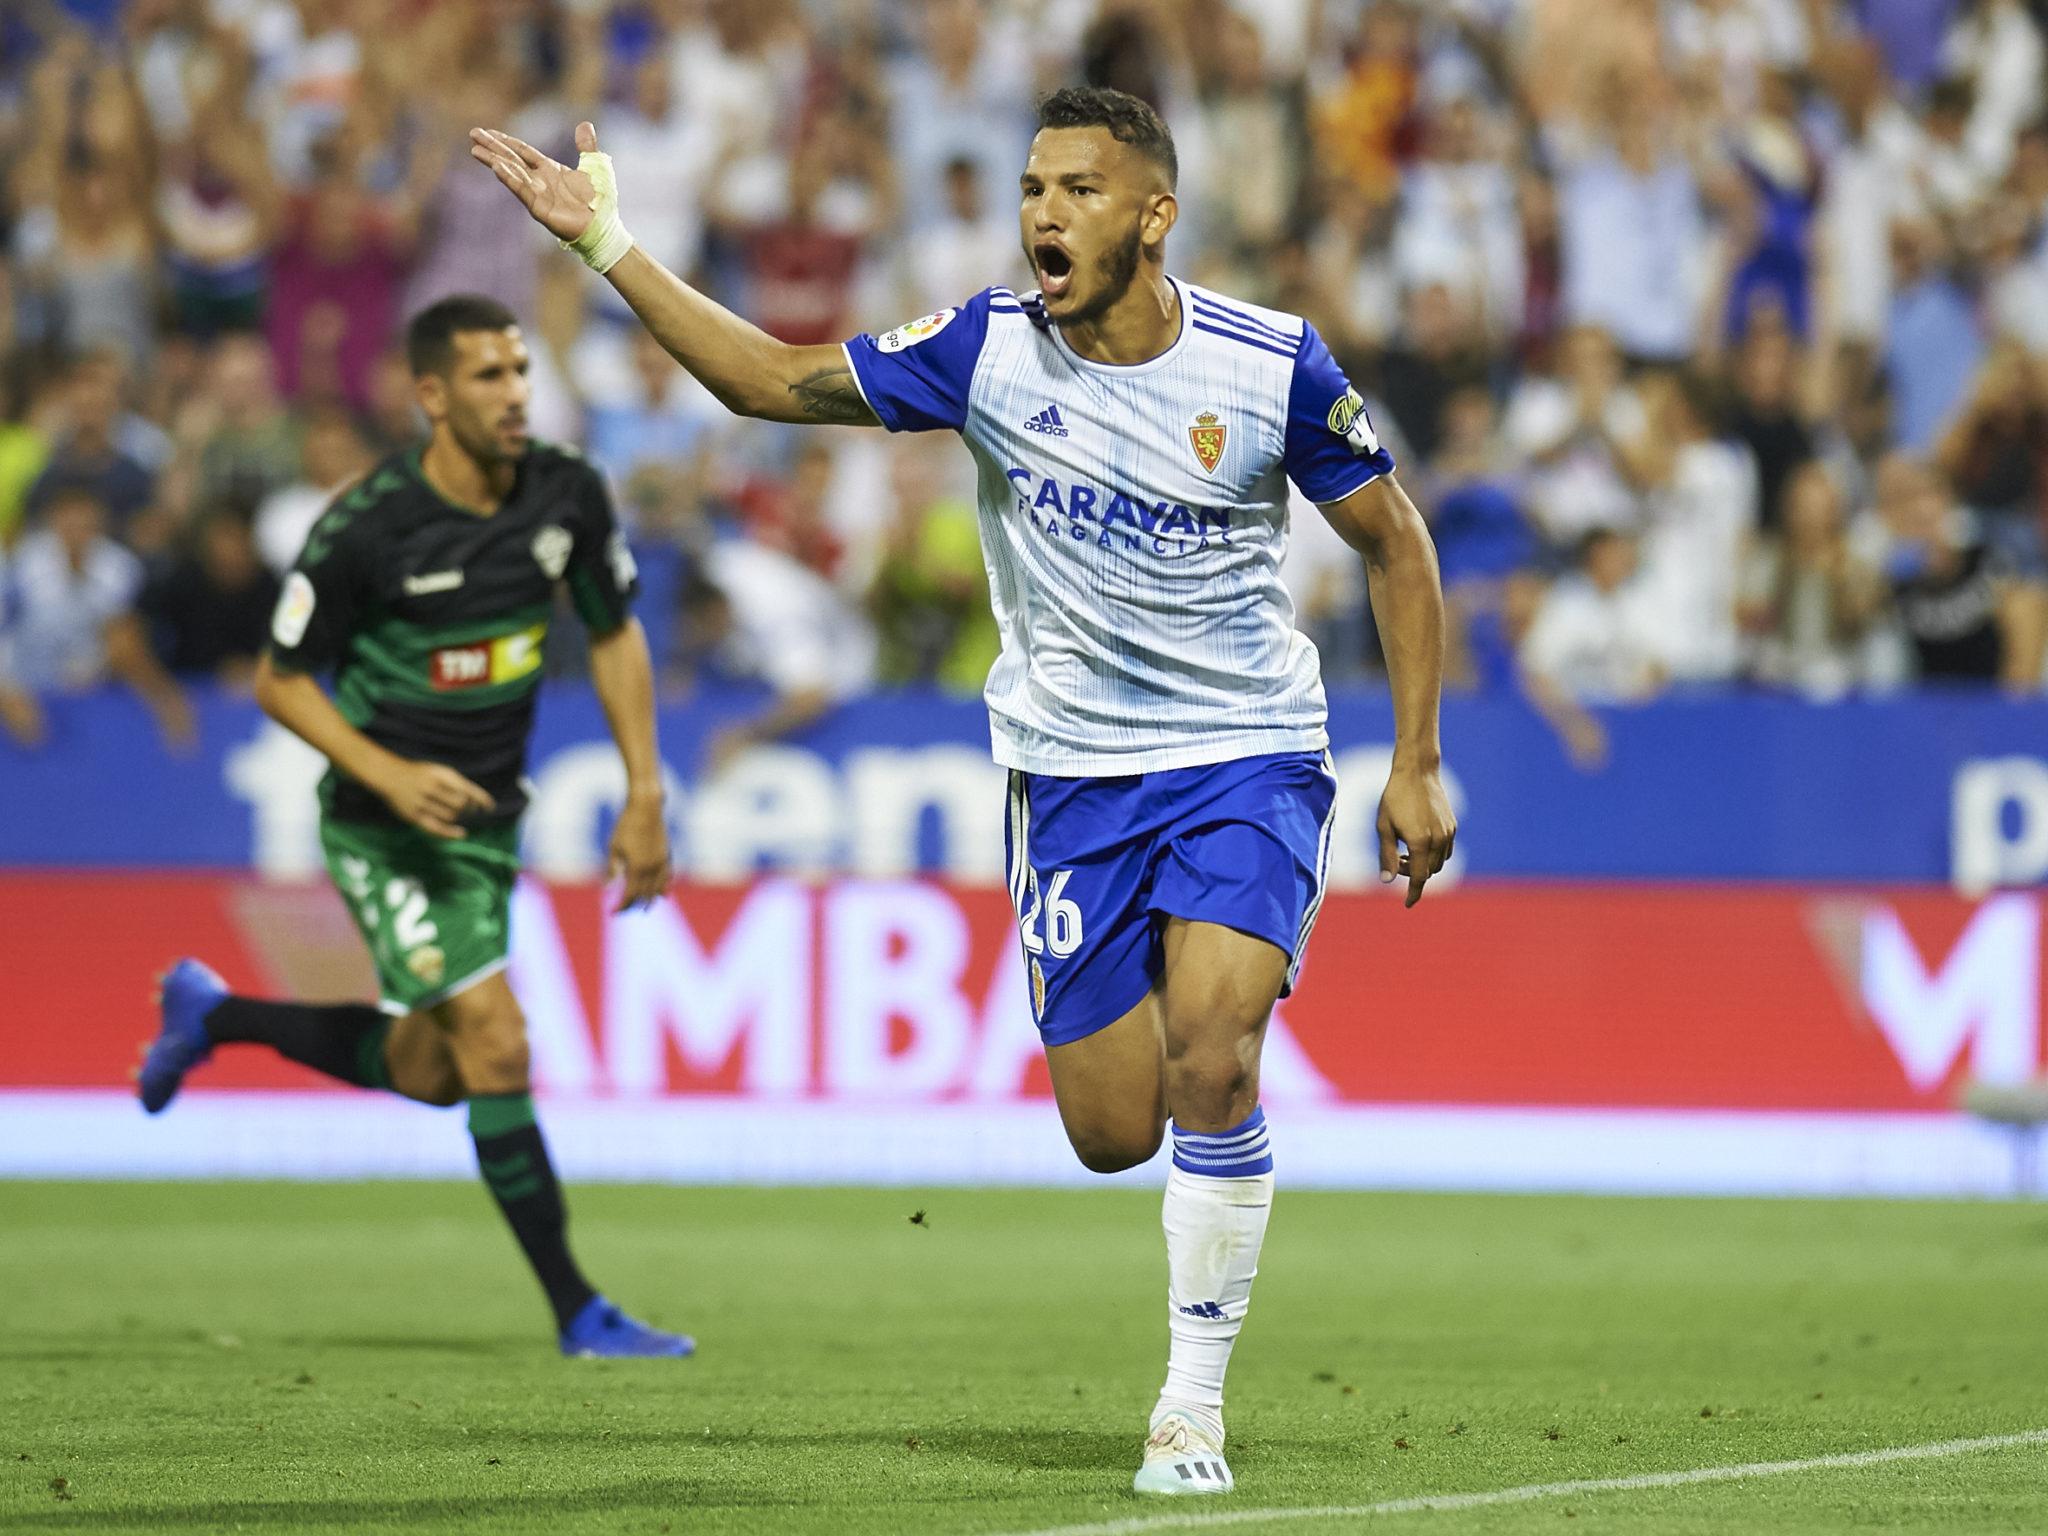 Como o colombiano Luis Suárez se tornou a sensação do Real Zaragoza